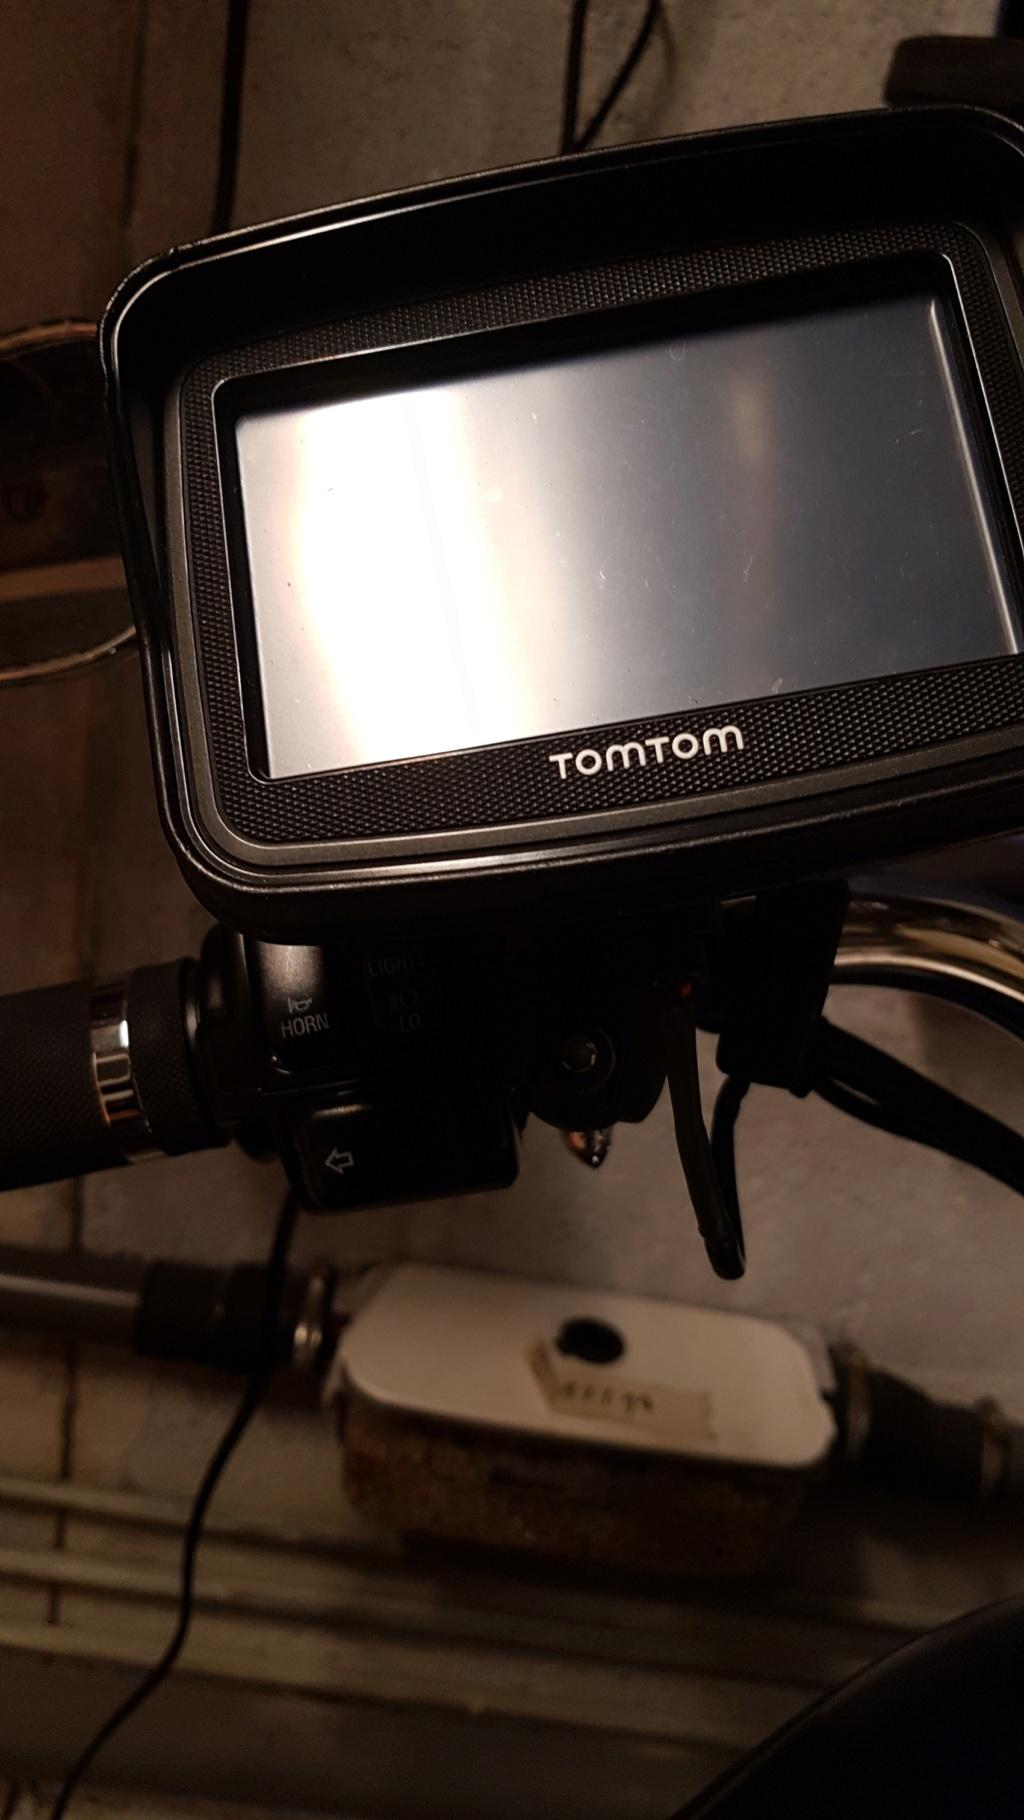 Meilleur position d'un TomTom 550 sur un RK 20181226